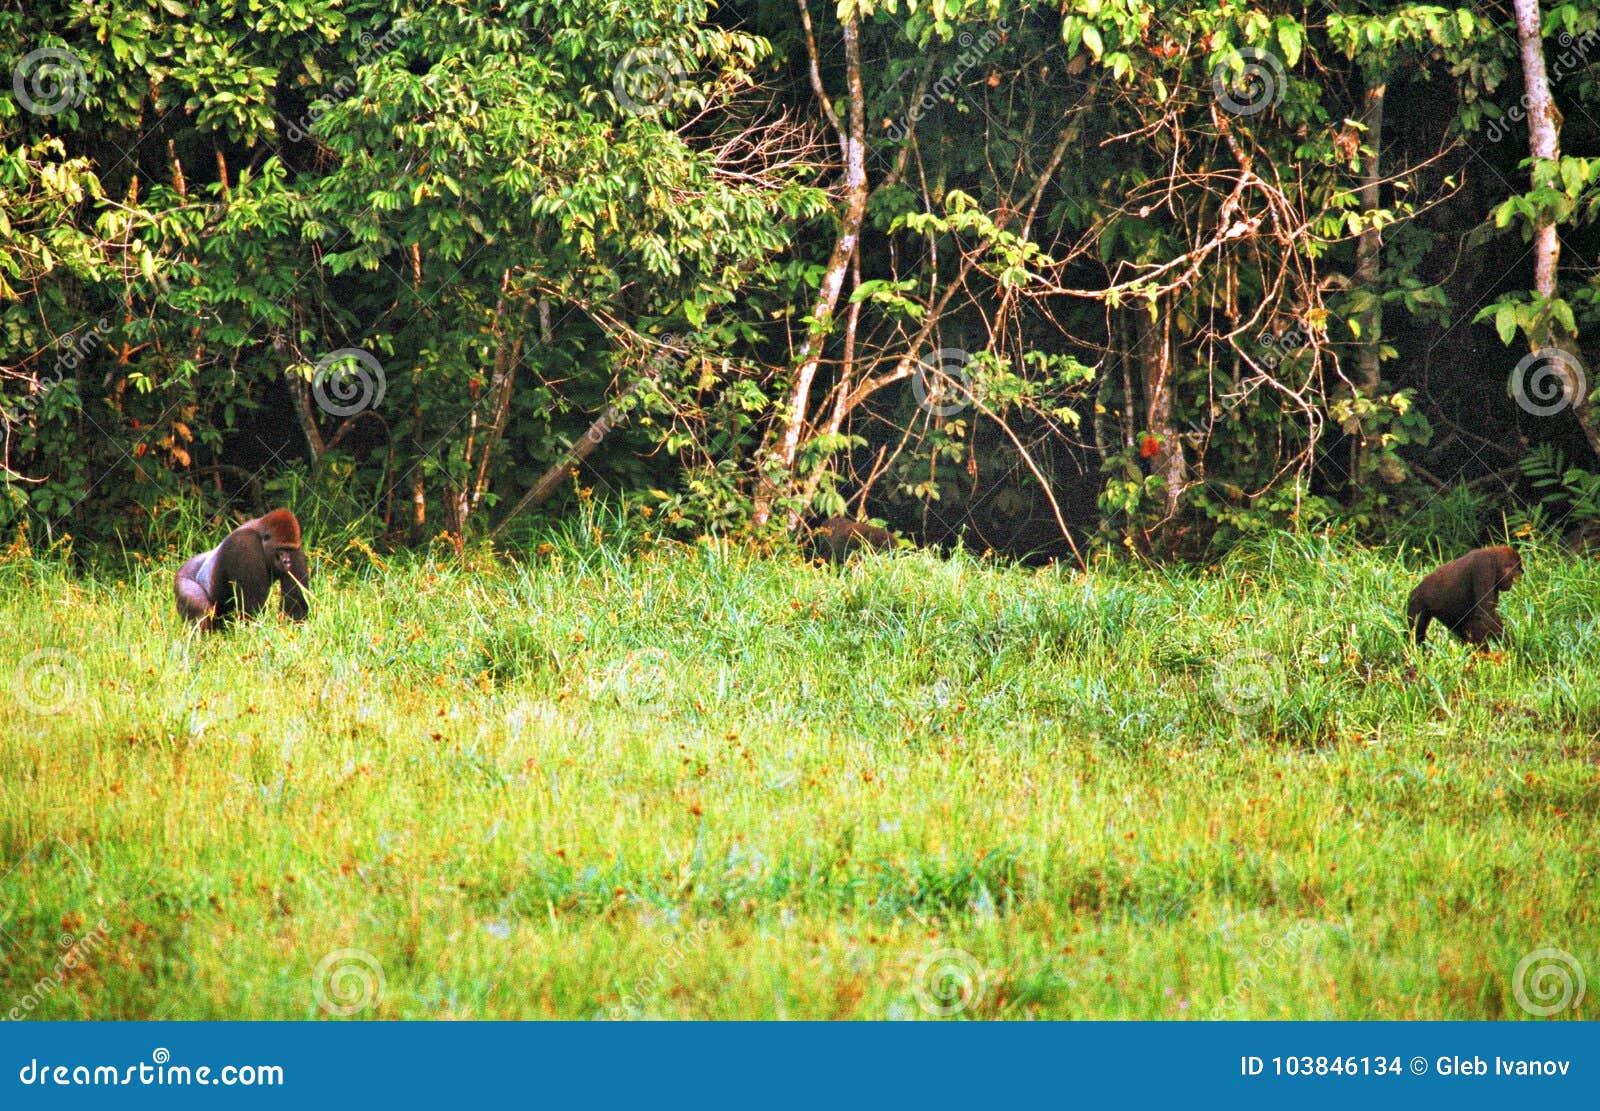 Gorila en la selva en Congo